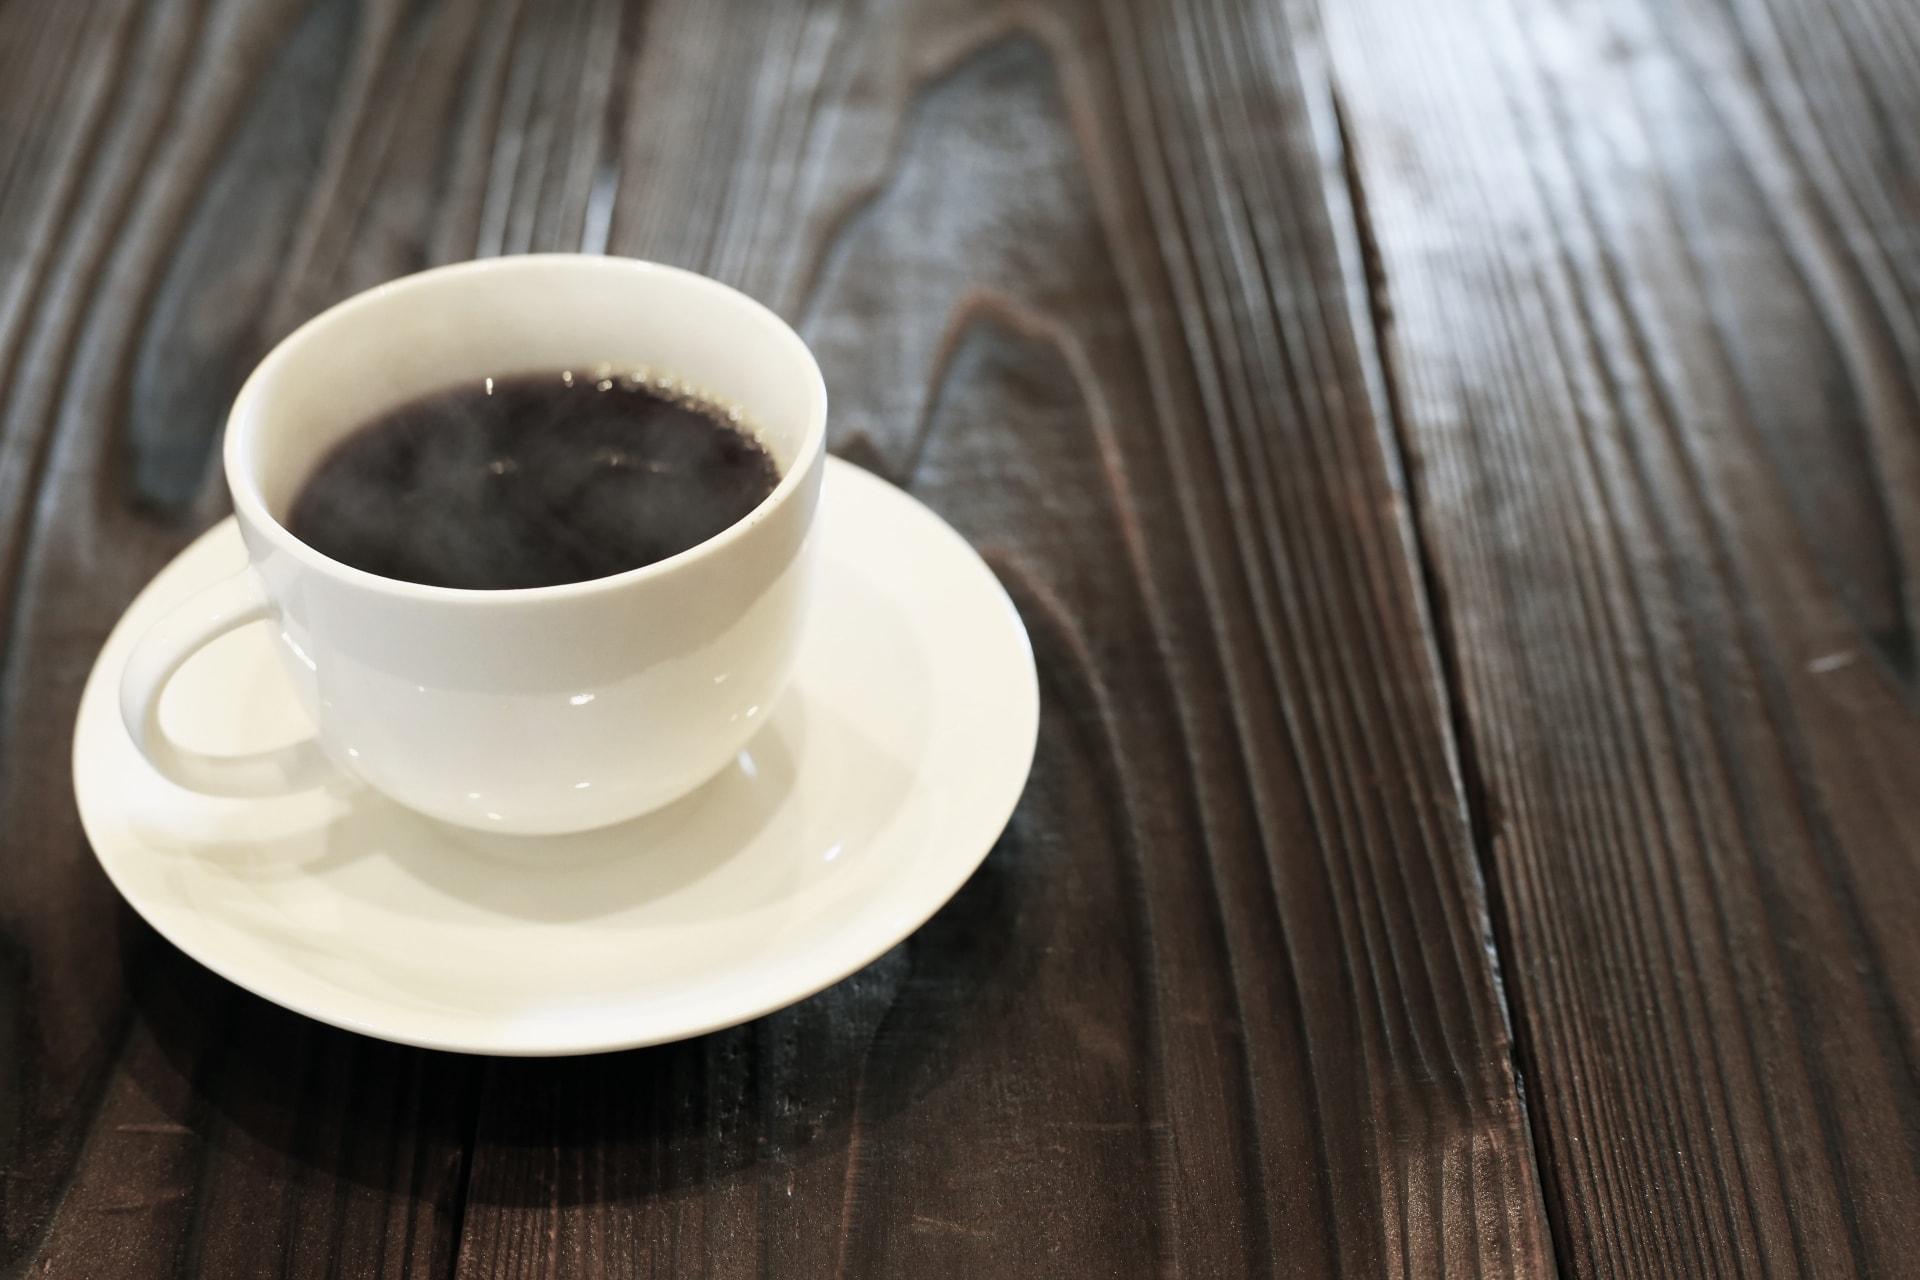 【妊娠が分かったら】妊娠が分かったら「カフェイン」を控える